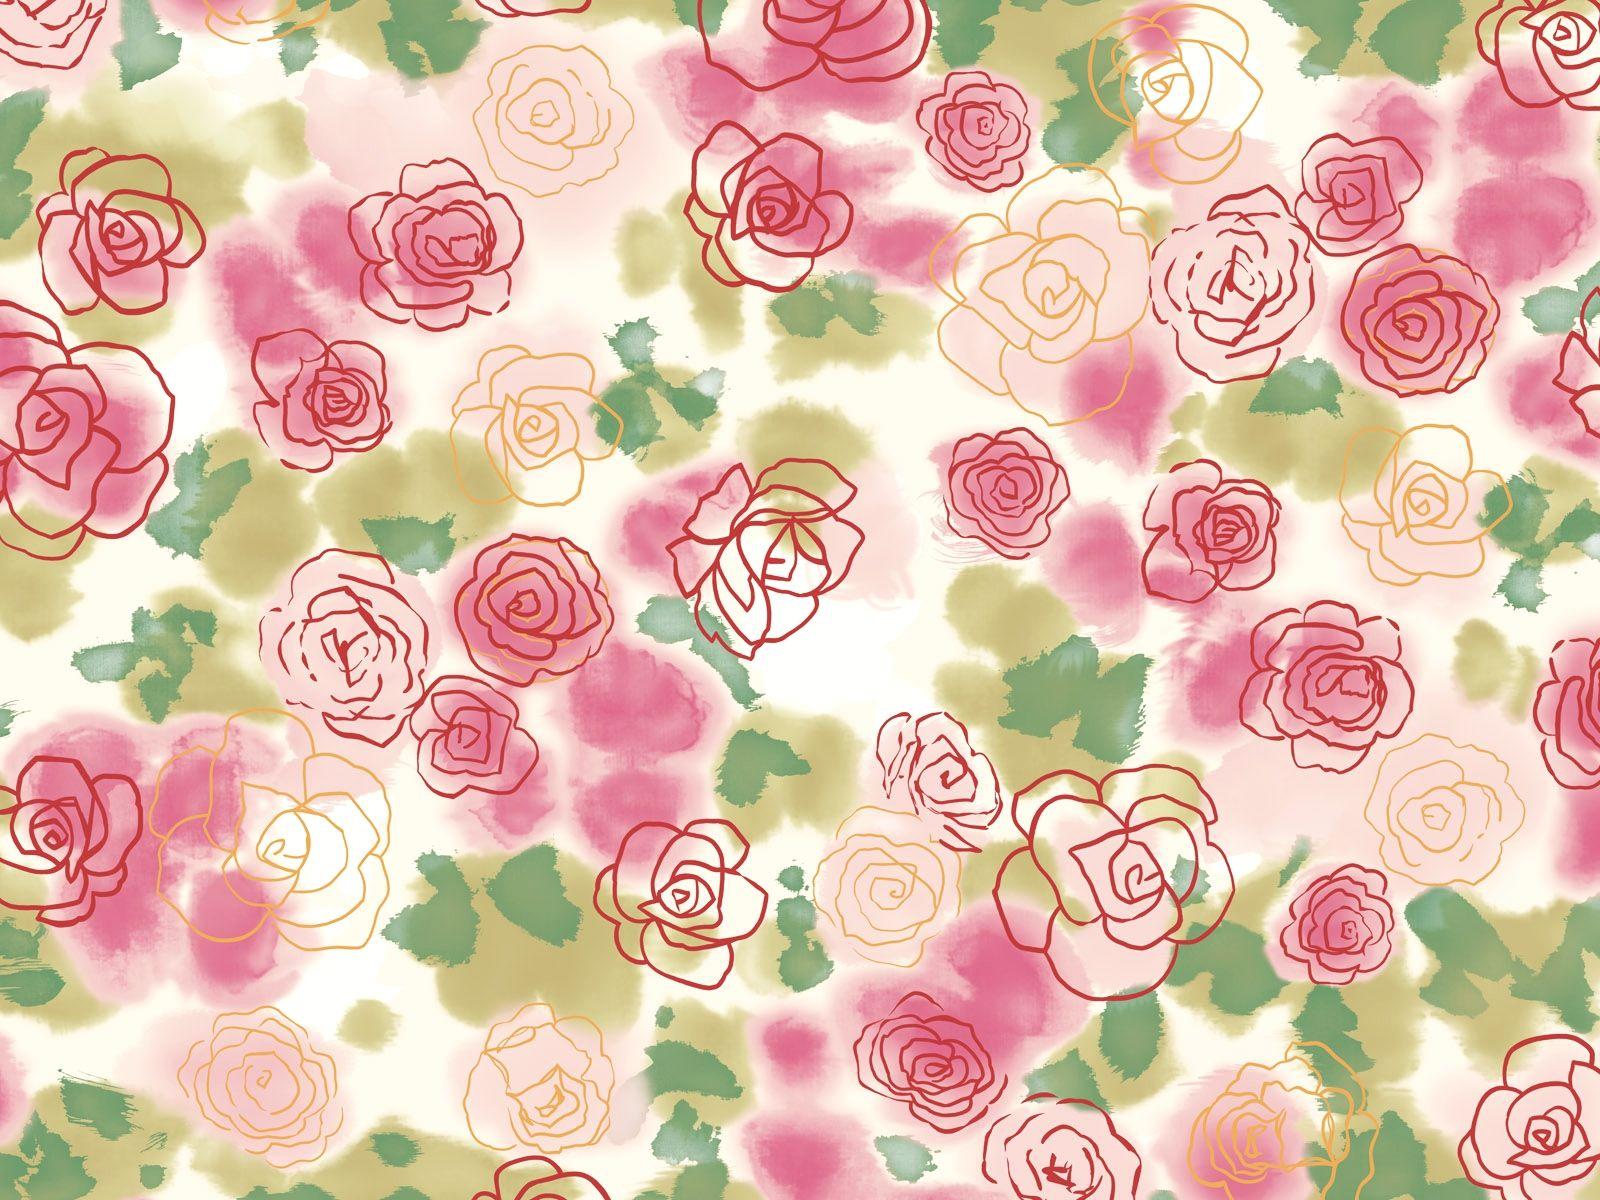 Vintage Flower Background Backgrounds Vintage Floral Pattern